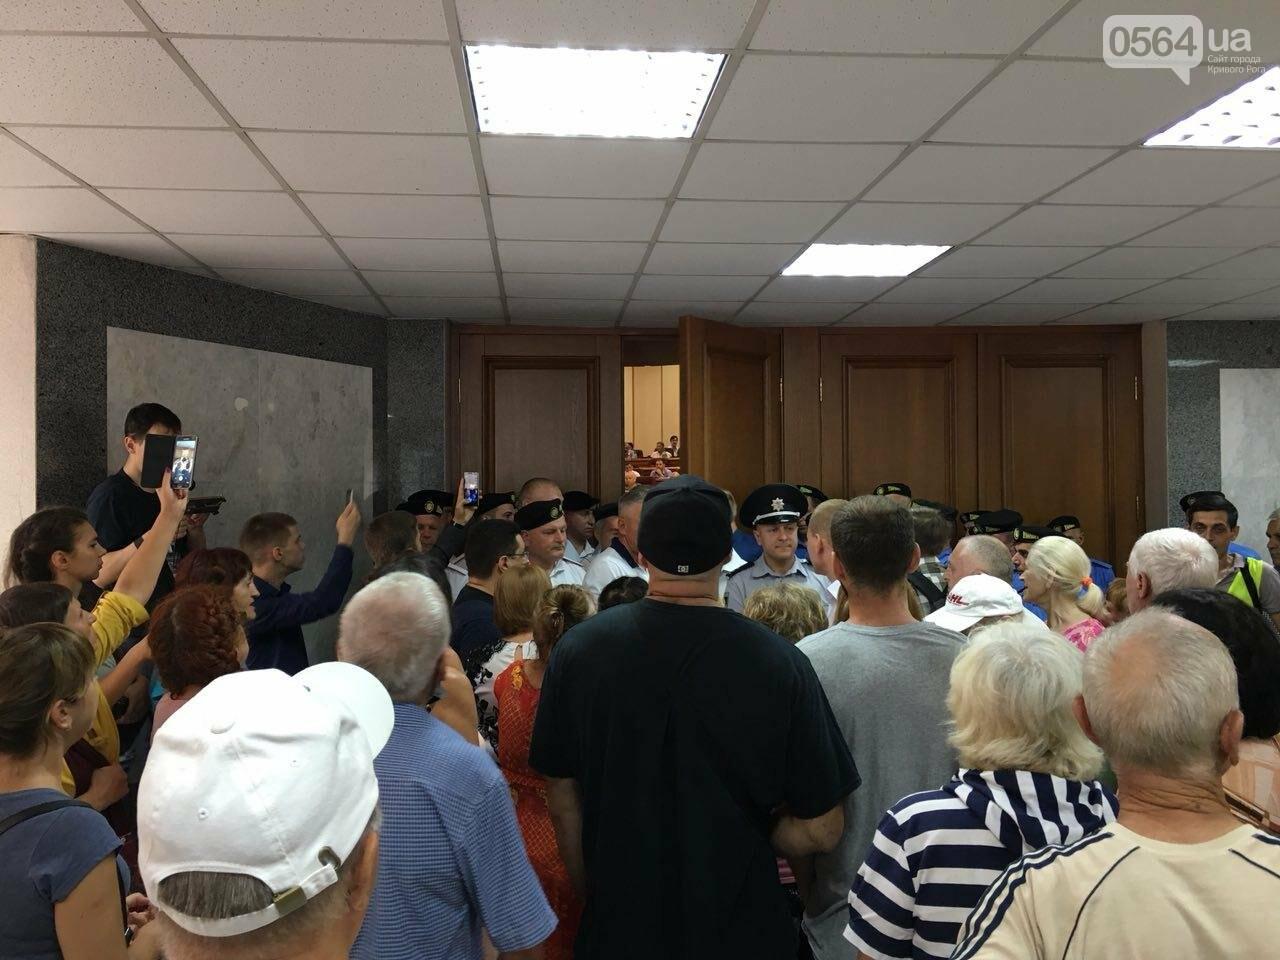 Криворожские депутаты написали заявления об уголовном преступлении в стенах горсовета, - ФОТО, фото-4